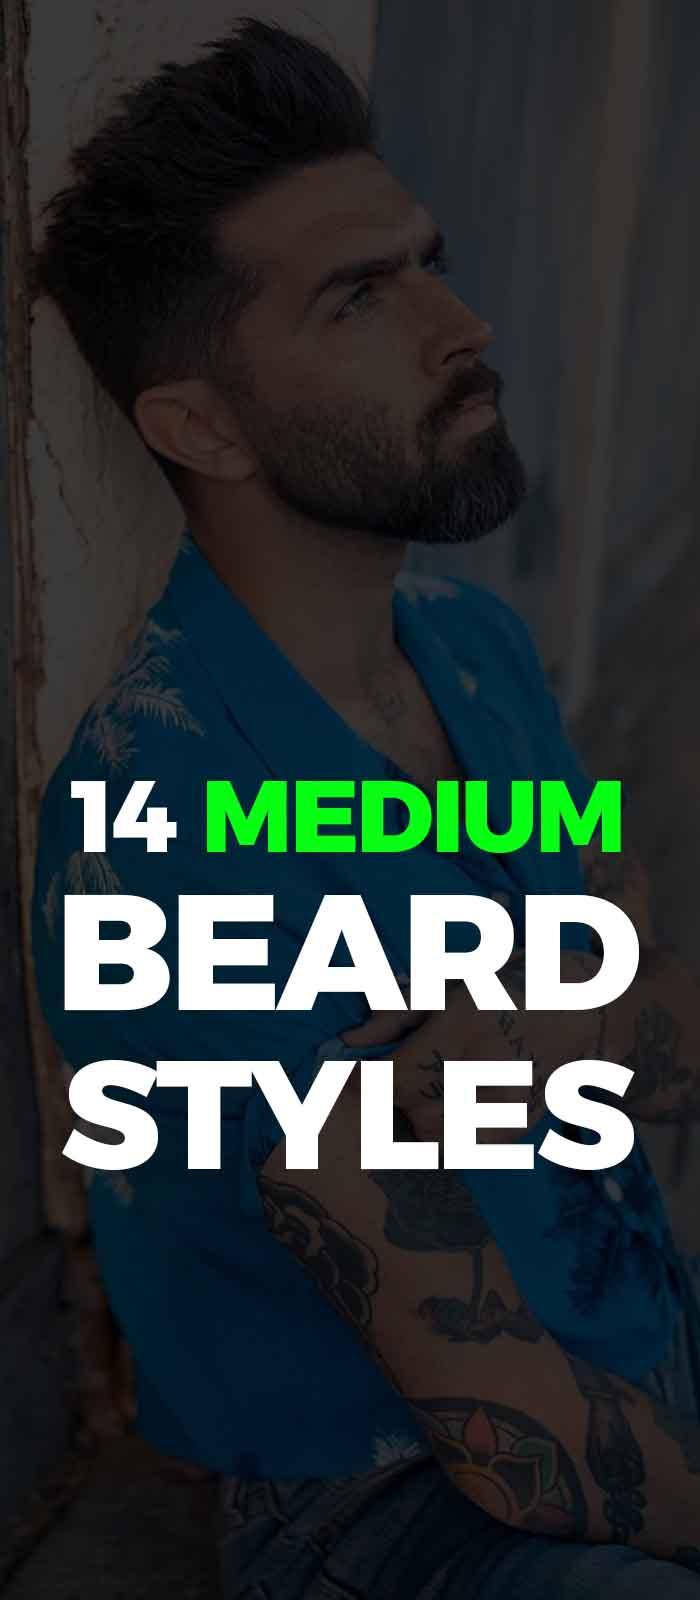 Stunning Medium Beard look for men!